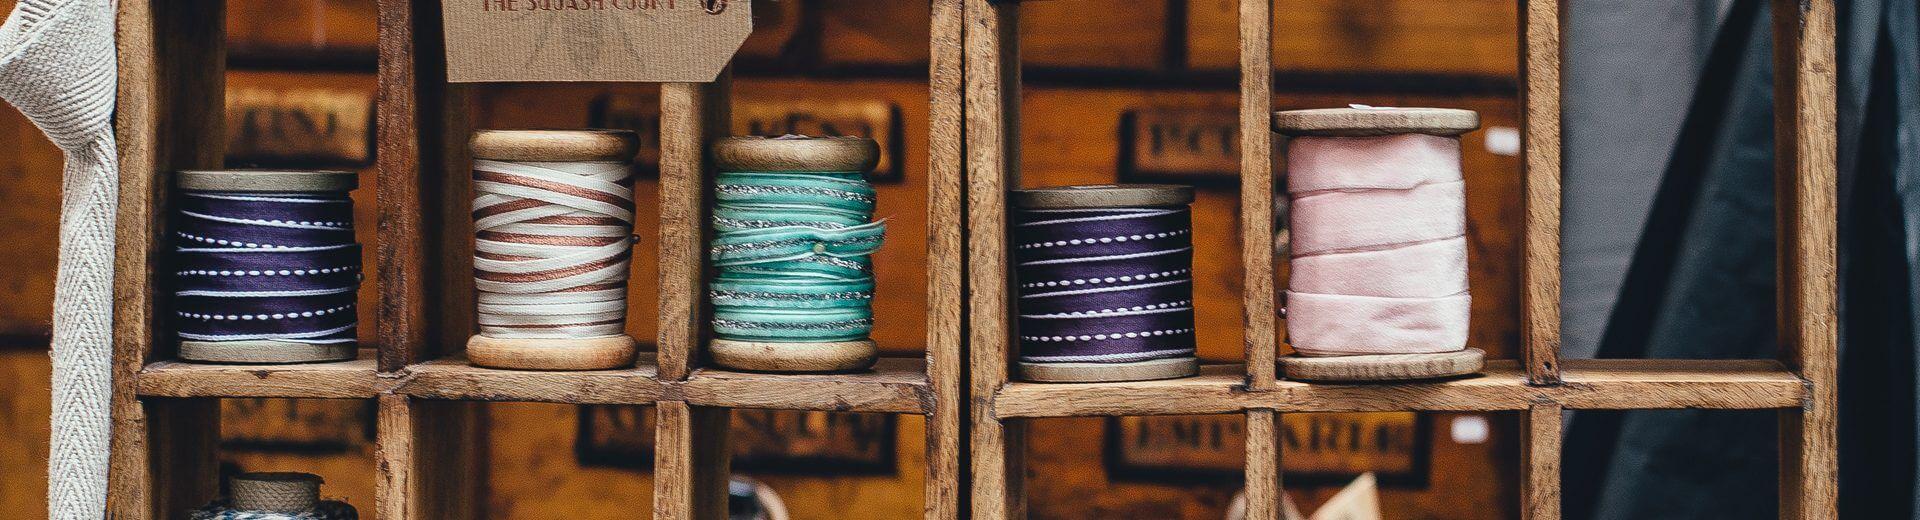 L'ARMOIRE SANS FIN - Trocs & ateliers textiles ° Mode circulaire